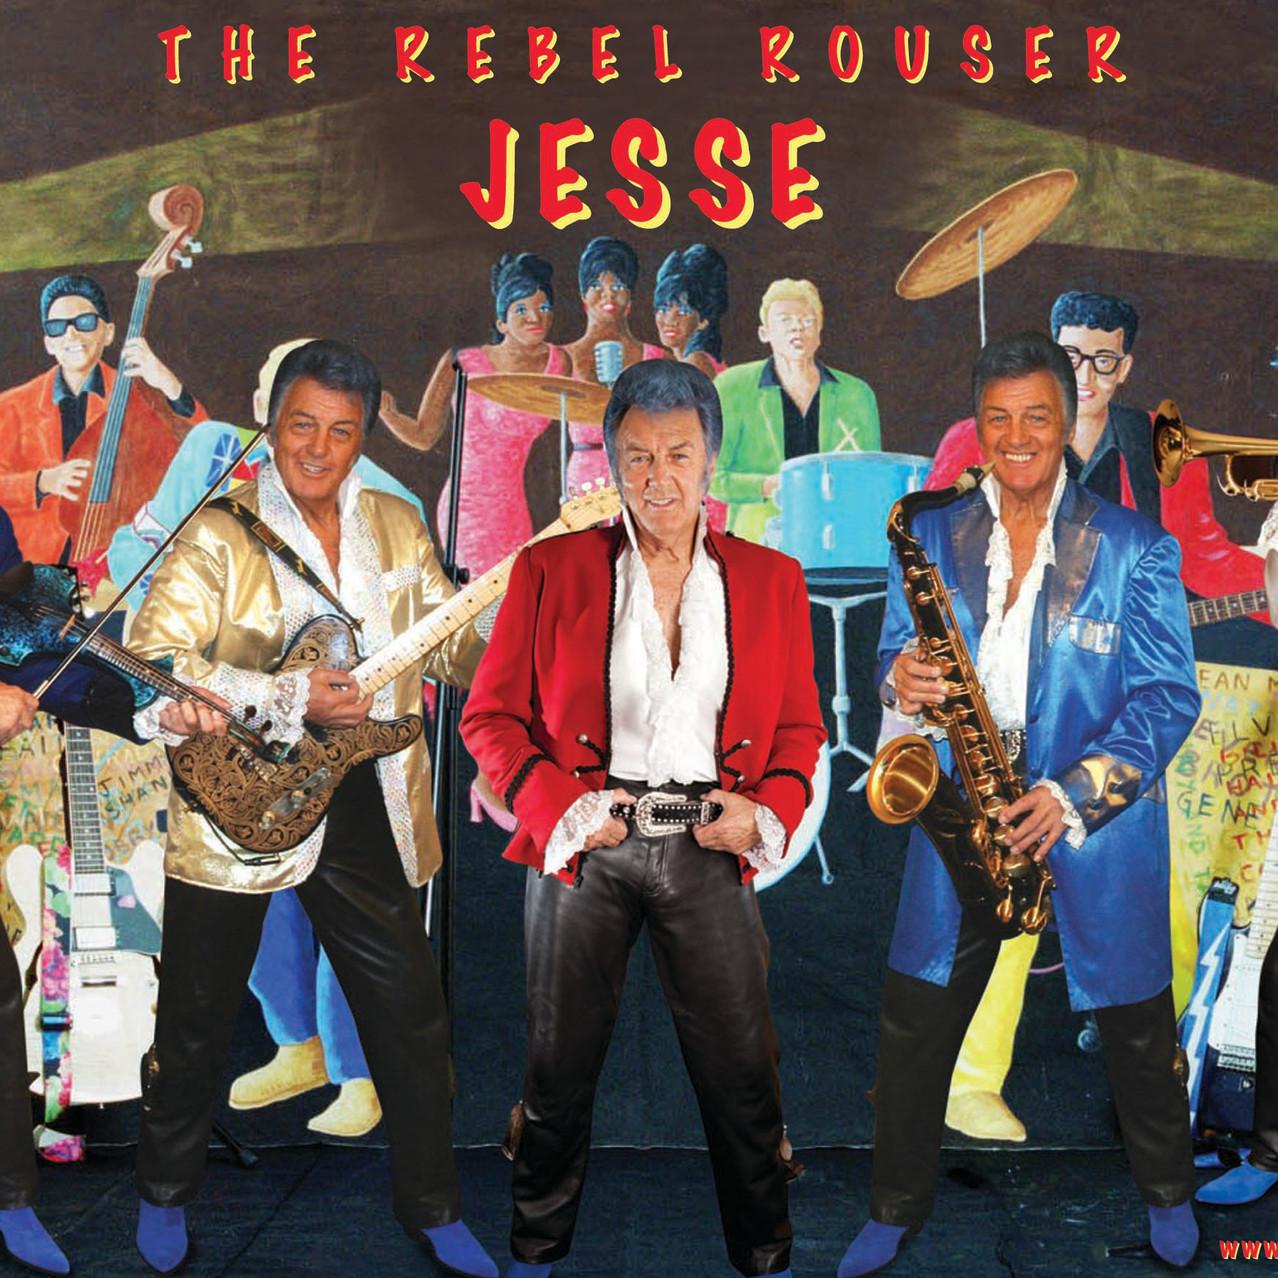 The Rebel Rouser